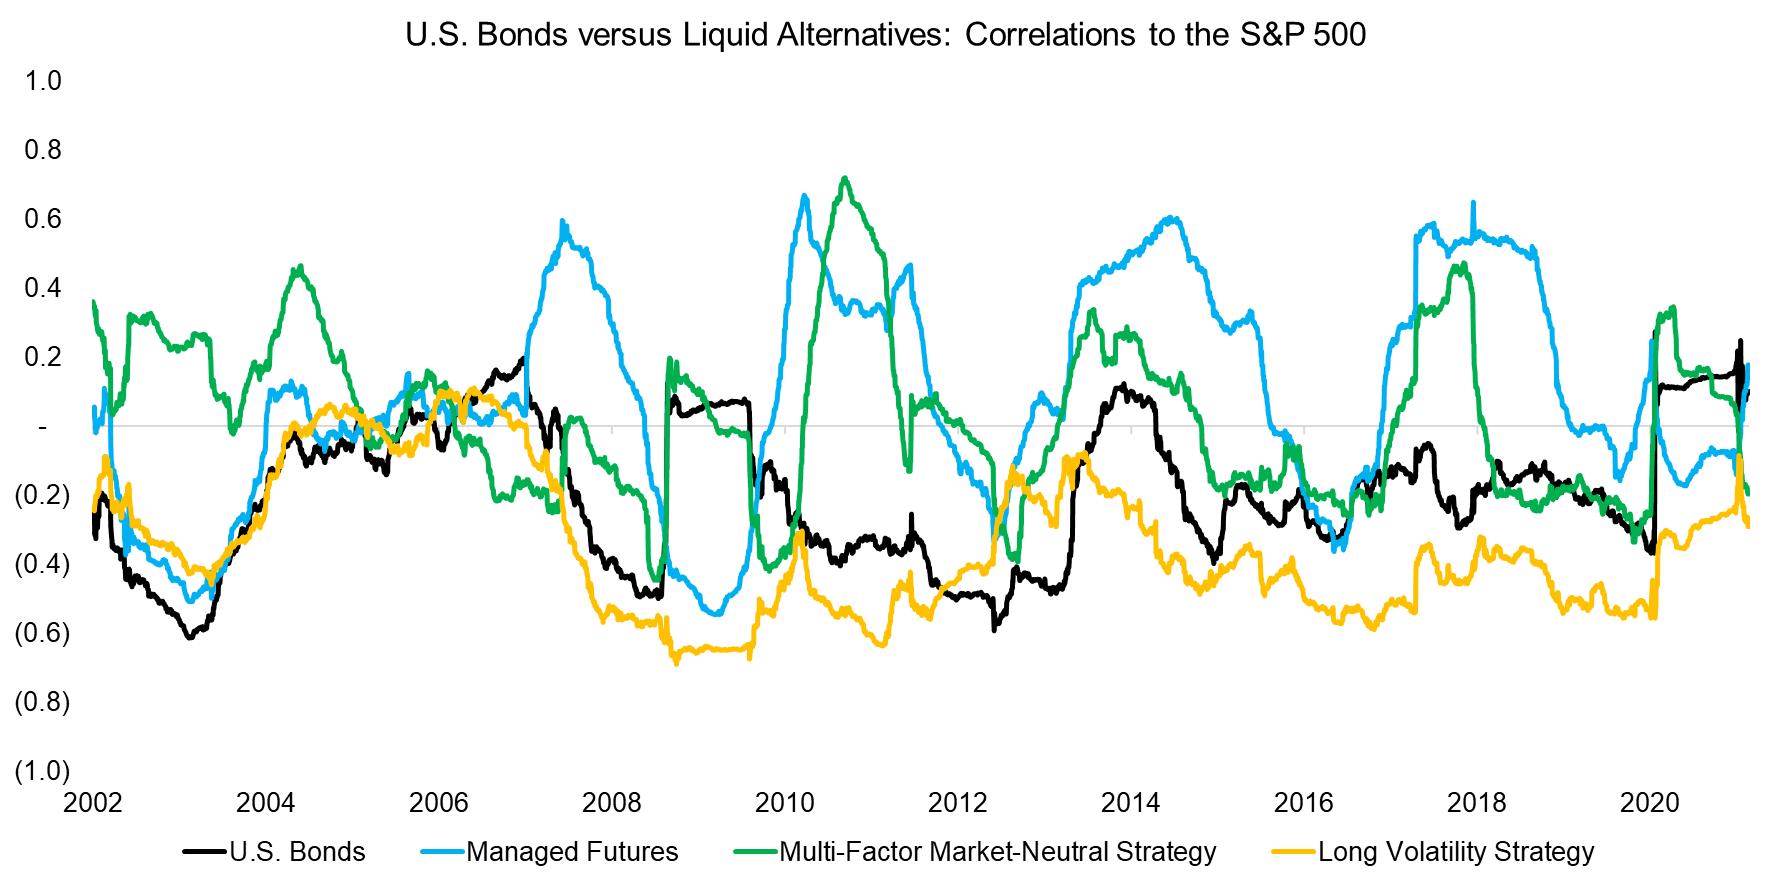 US Bonds versus Liquid Alternatives Correlations to the S&P 500